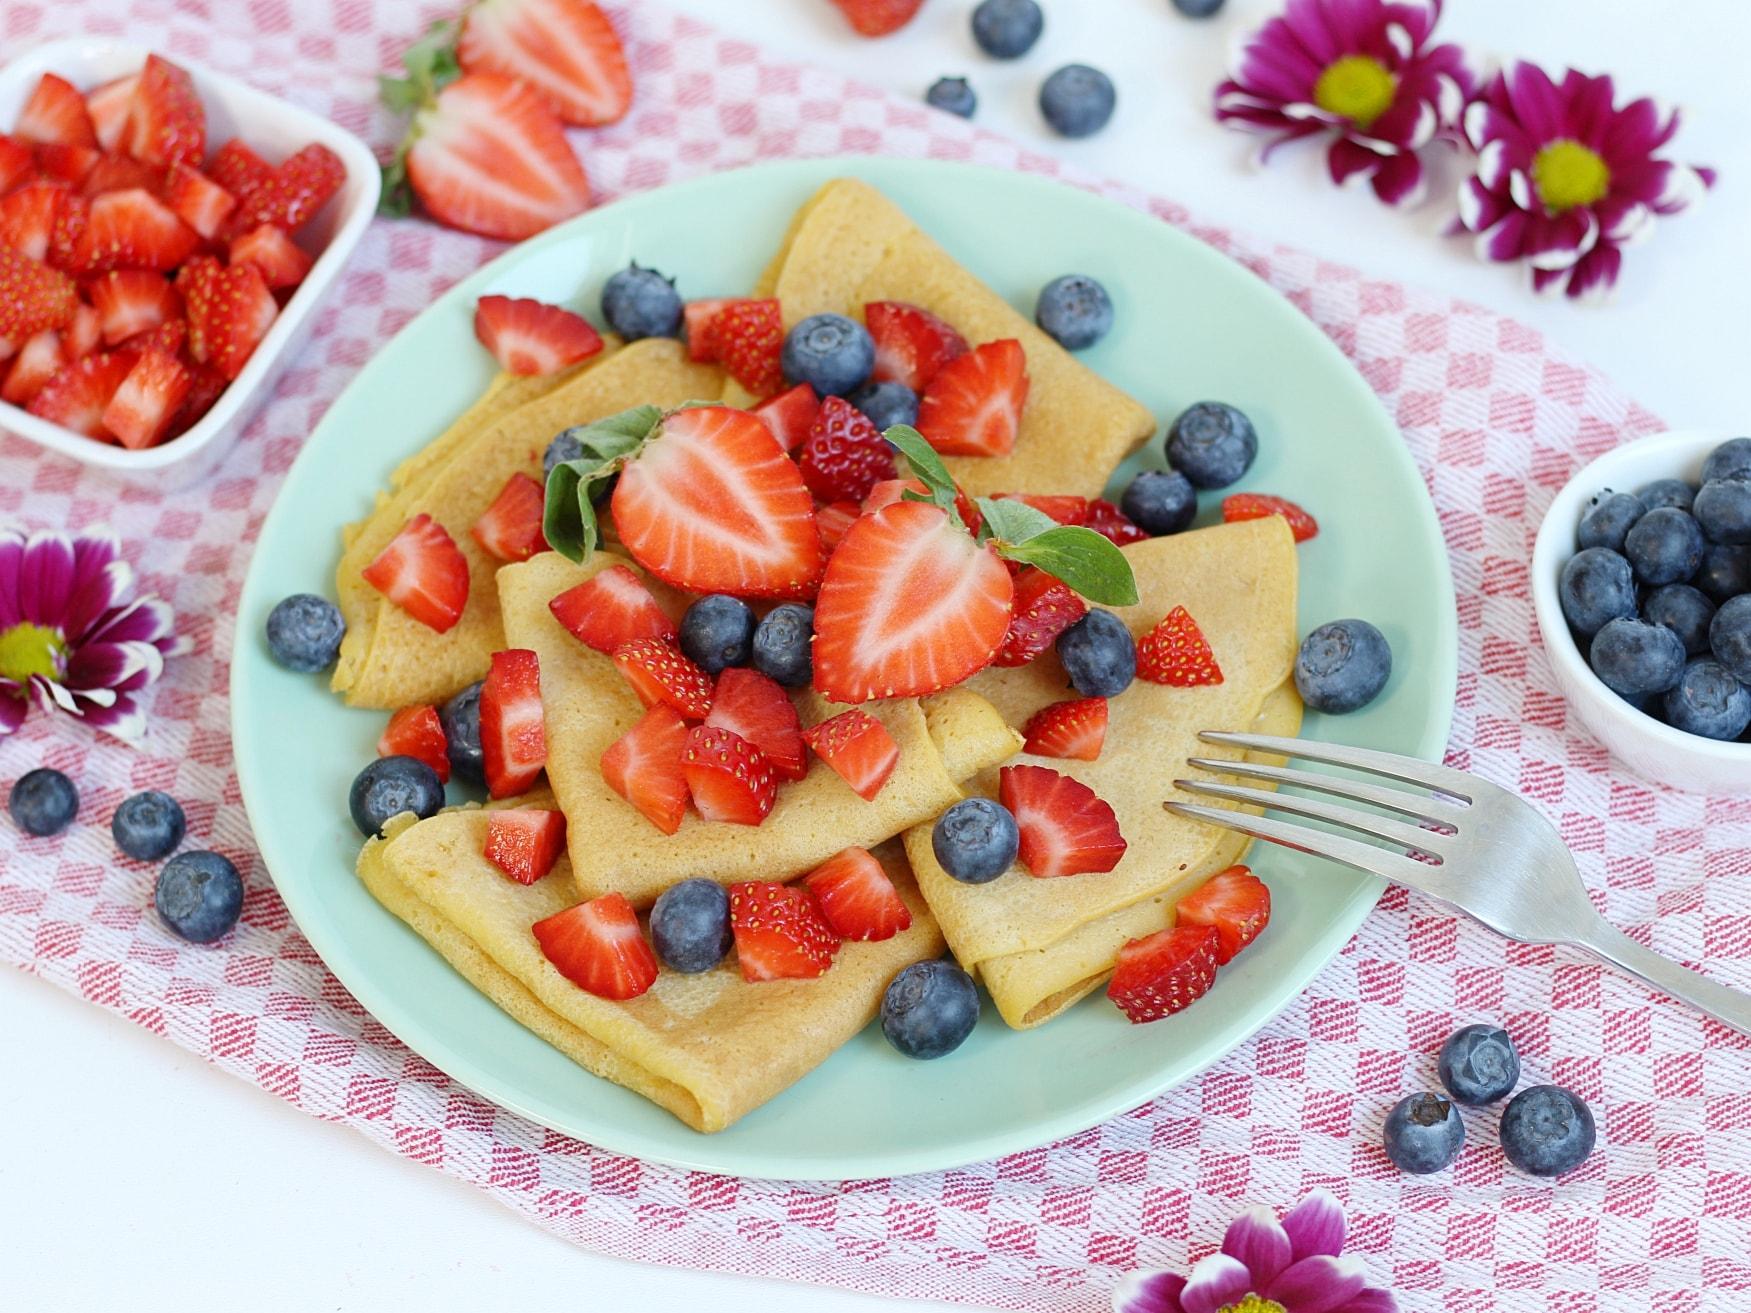 Vanille Crêpes, Crepes, Erdbeeren, Heidelbeeren, Smacktastic, Blaubeeren